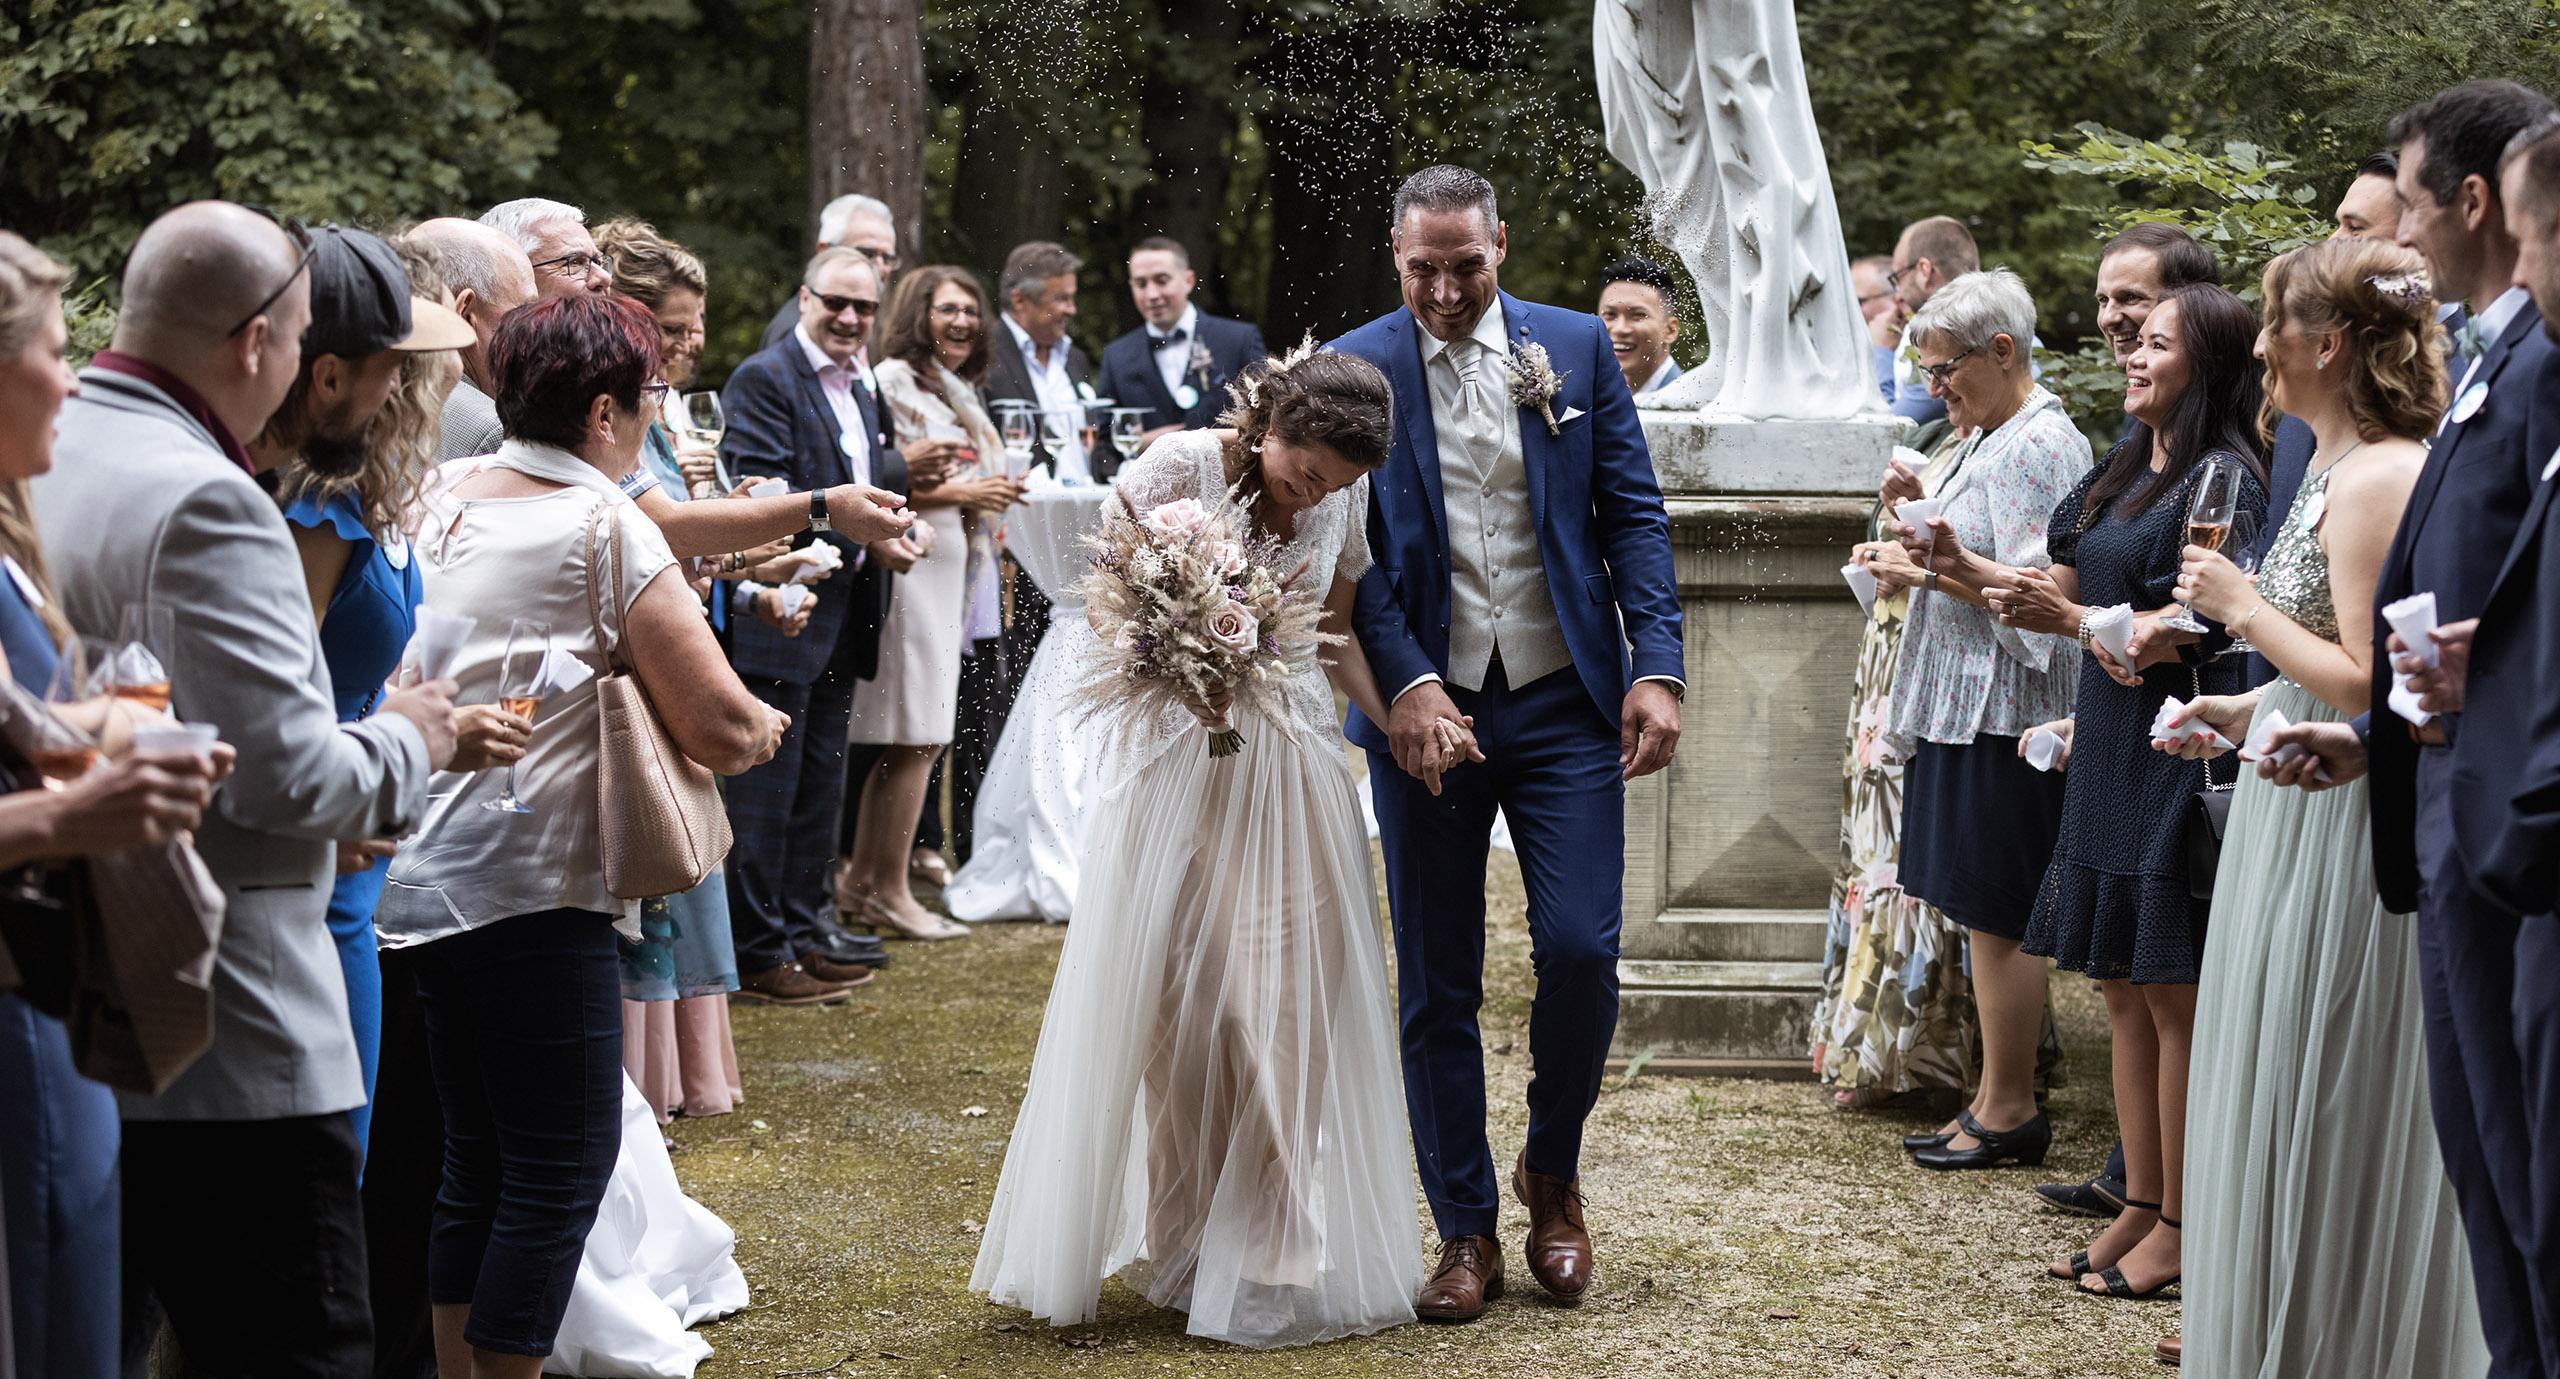 Hochzeitsfotografen Basel Schweiz - Brautpaar beim Auszug - Nicole.Gallery